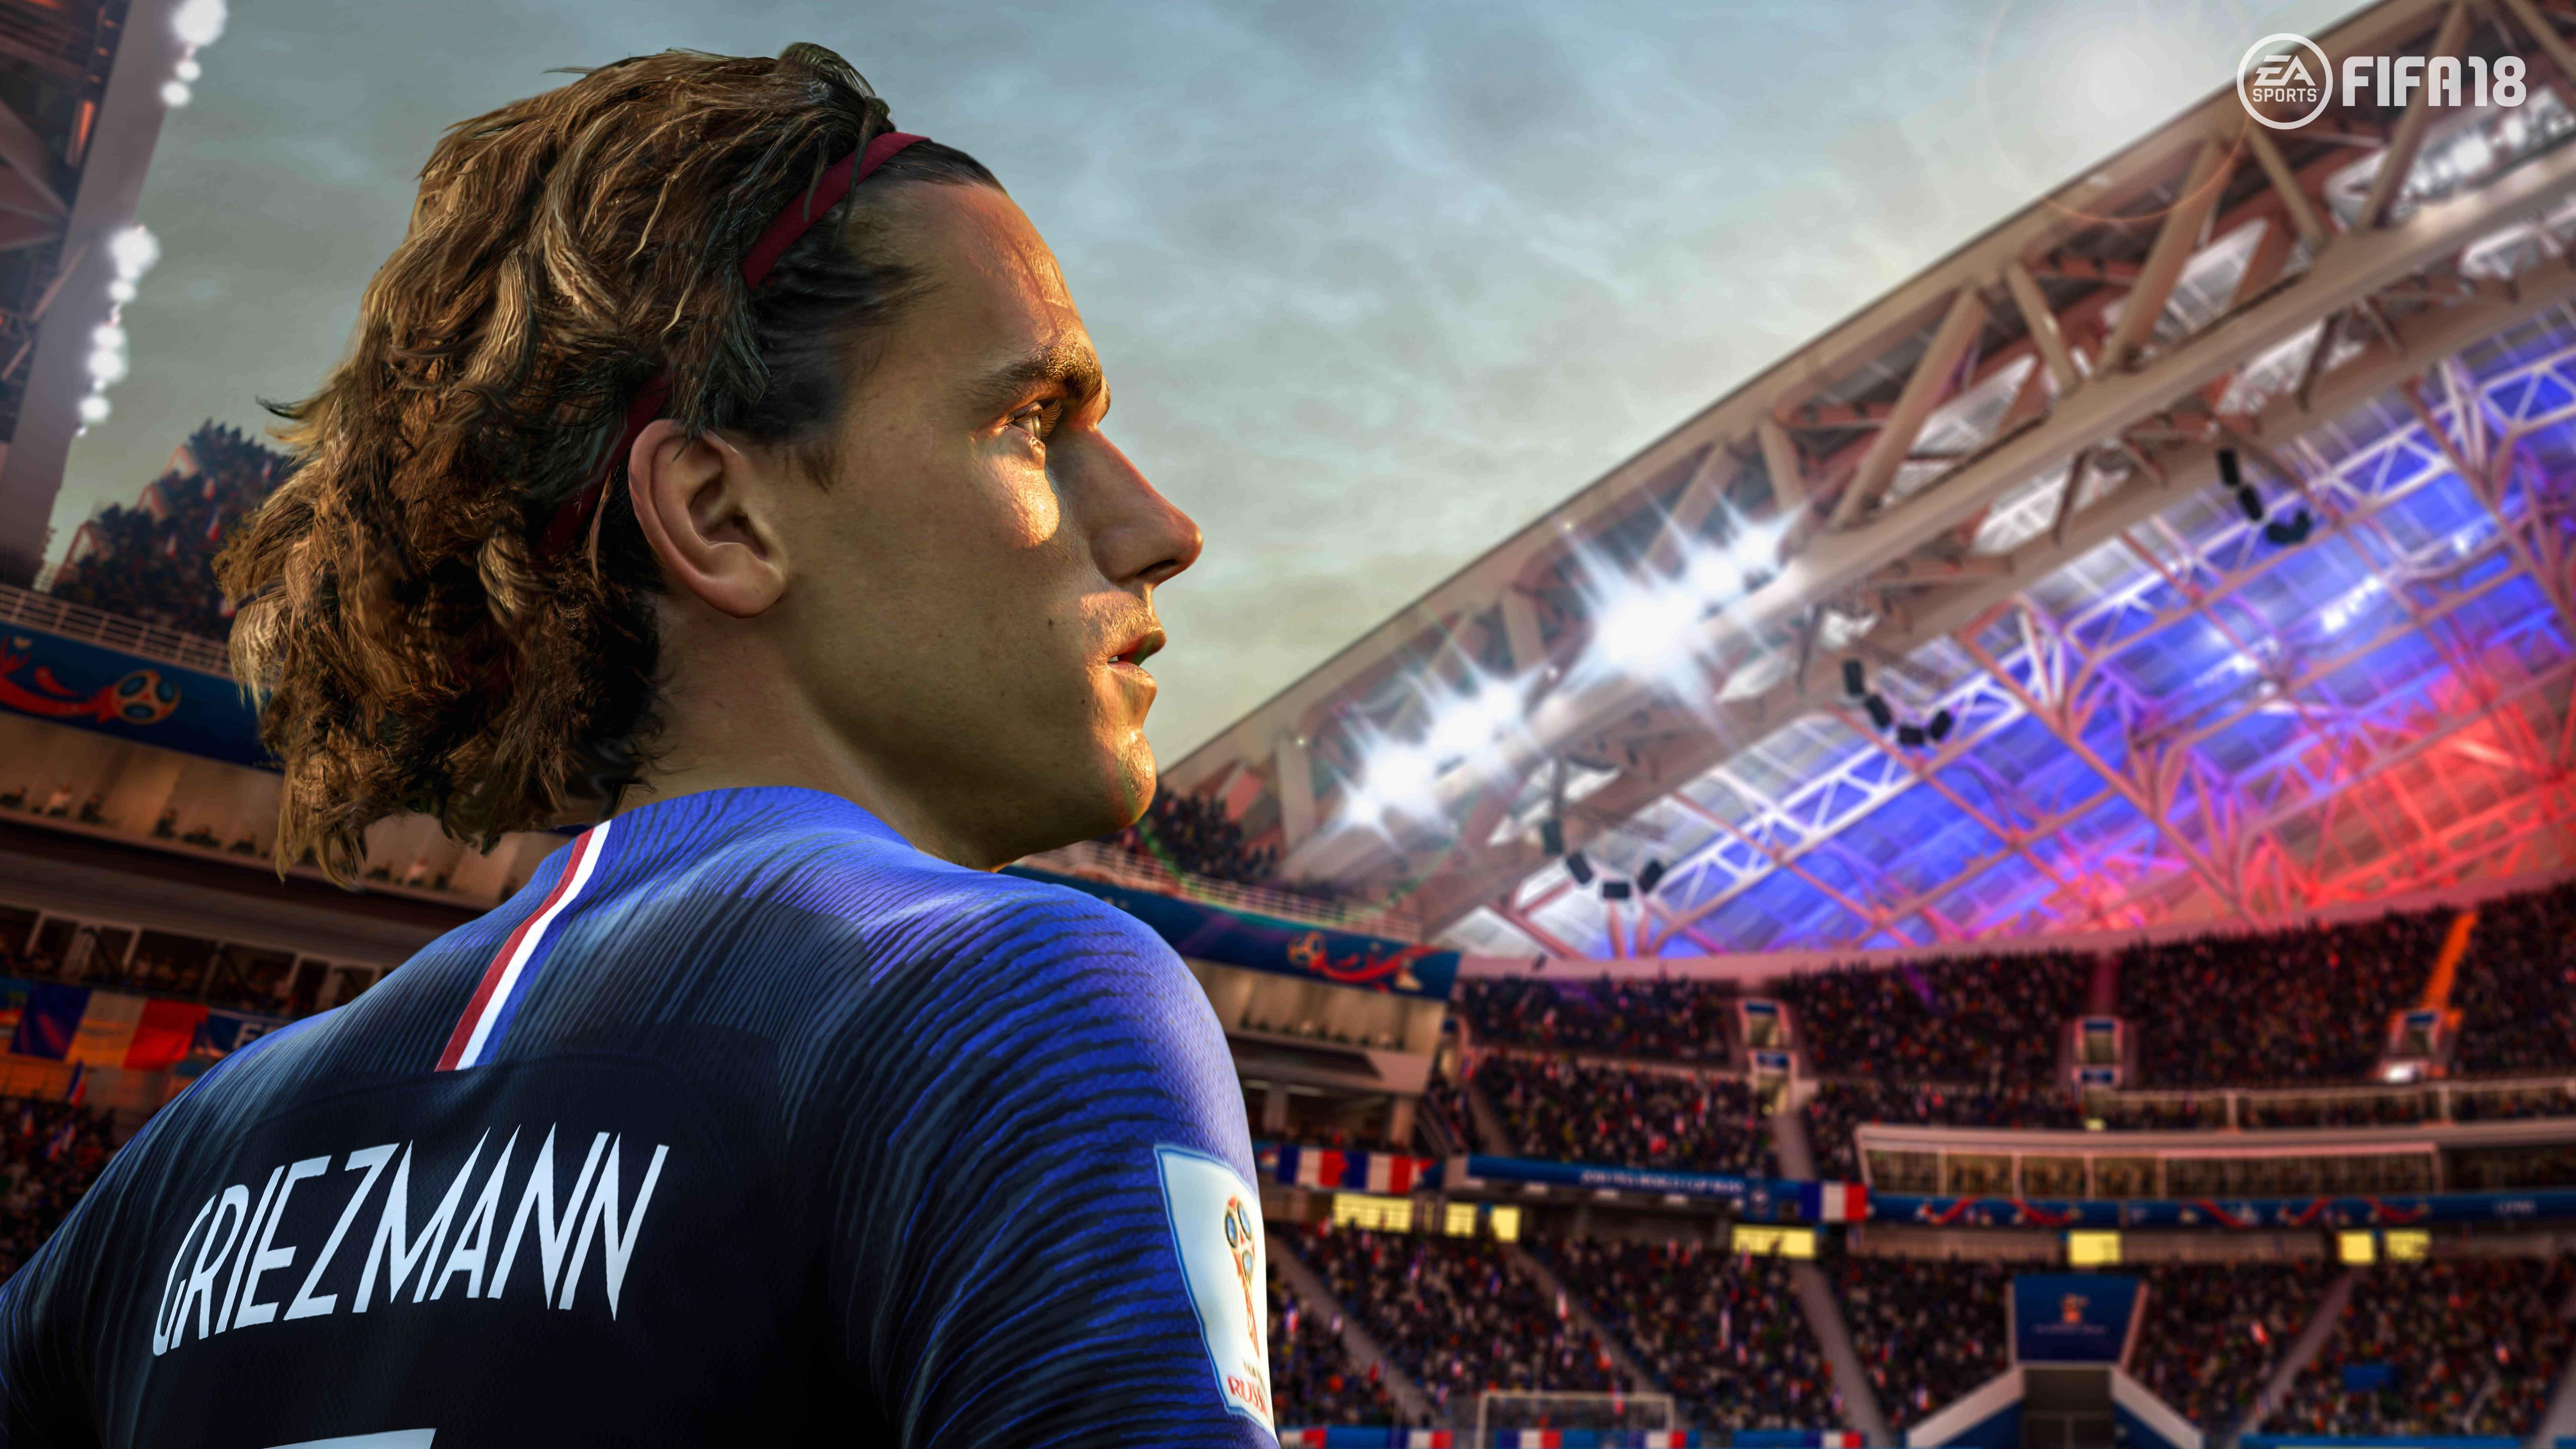 FIFA 18: Vollständig lizenzierter WM-Modus angekündigt - Details, Trailer, Bilder